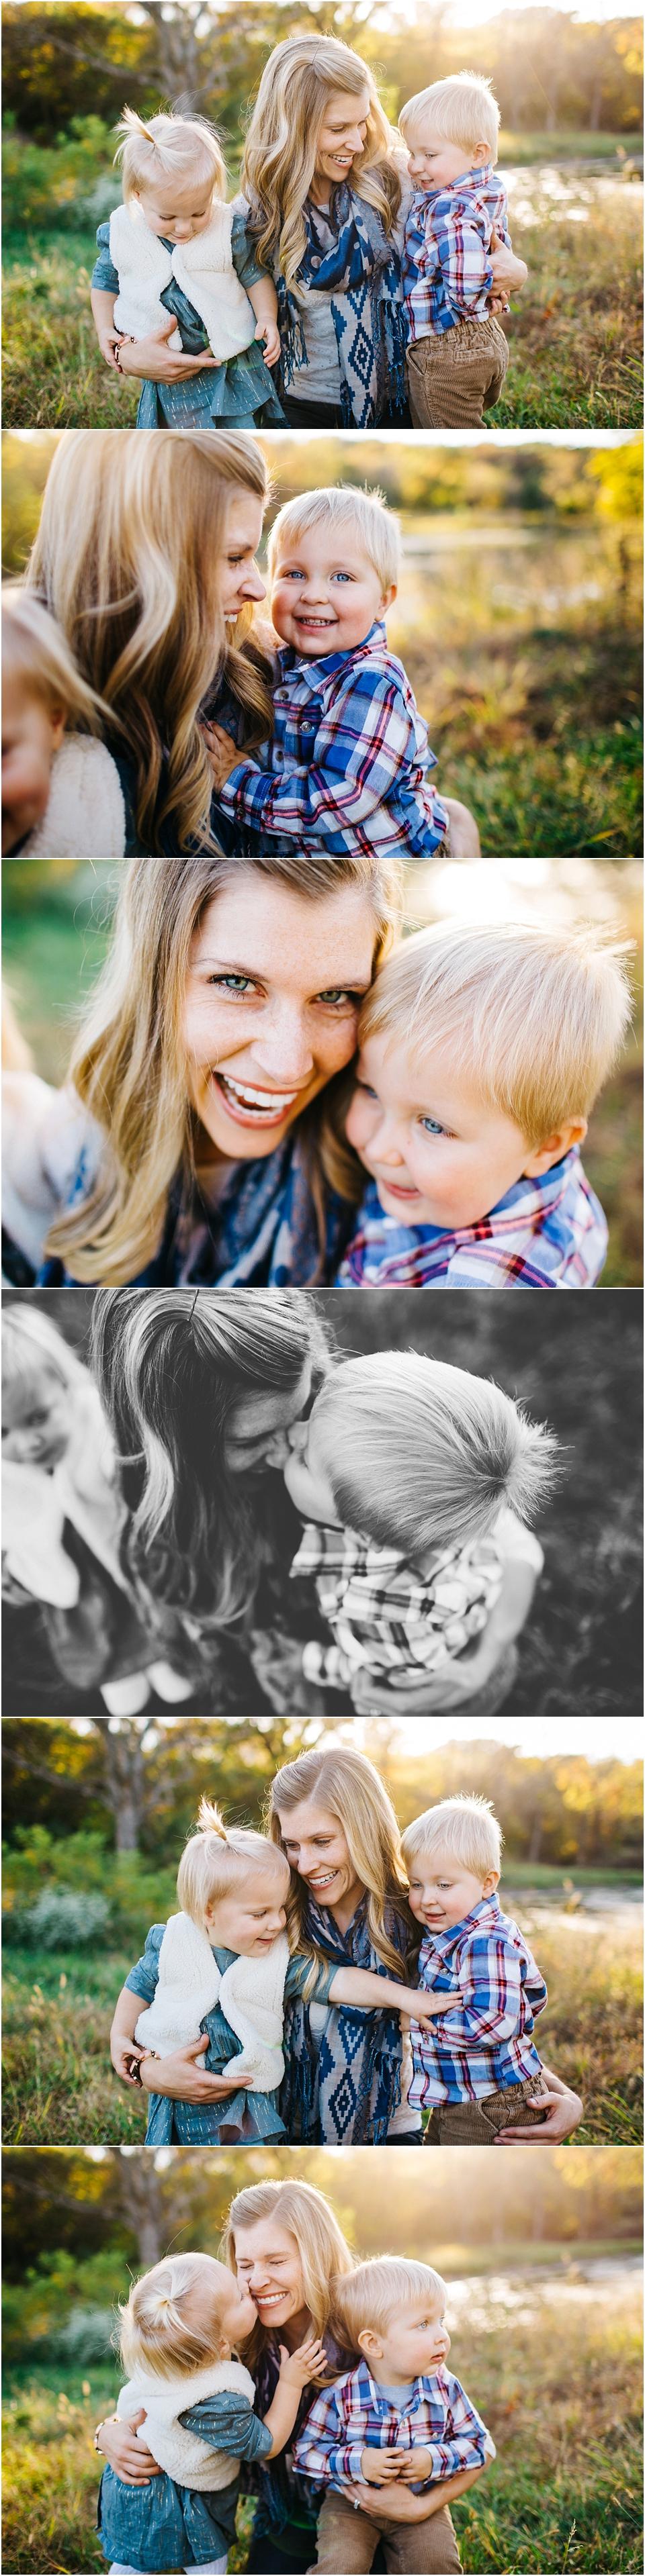 kansascitybestfamilyphotographer_0106